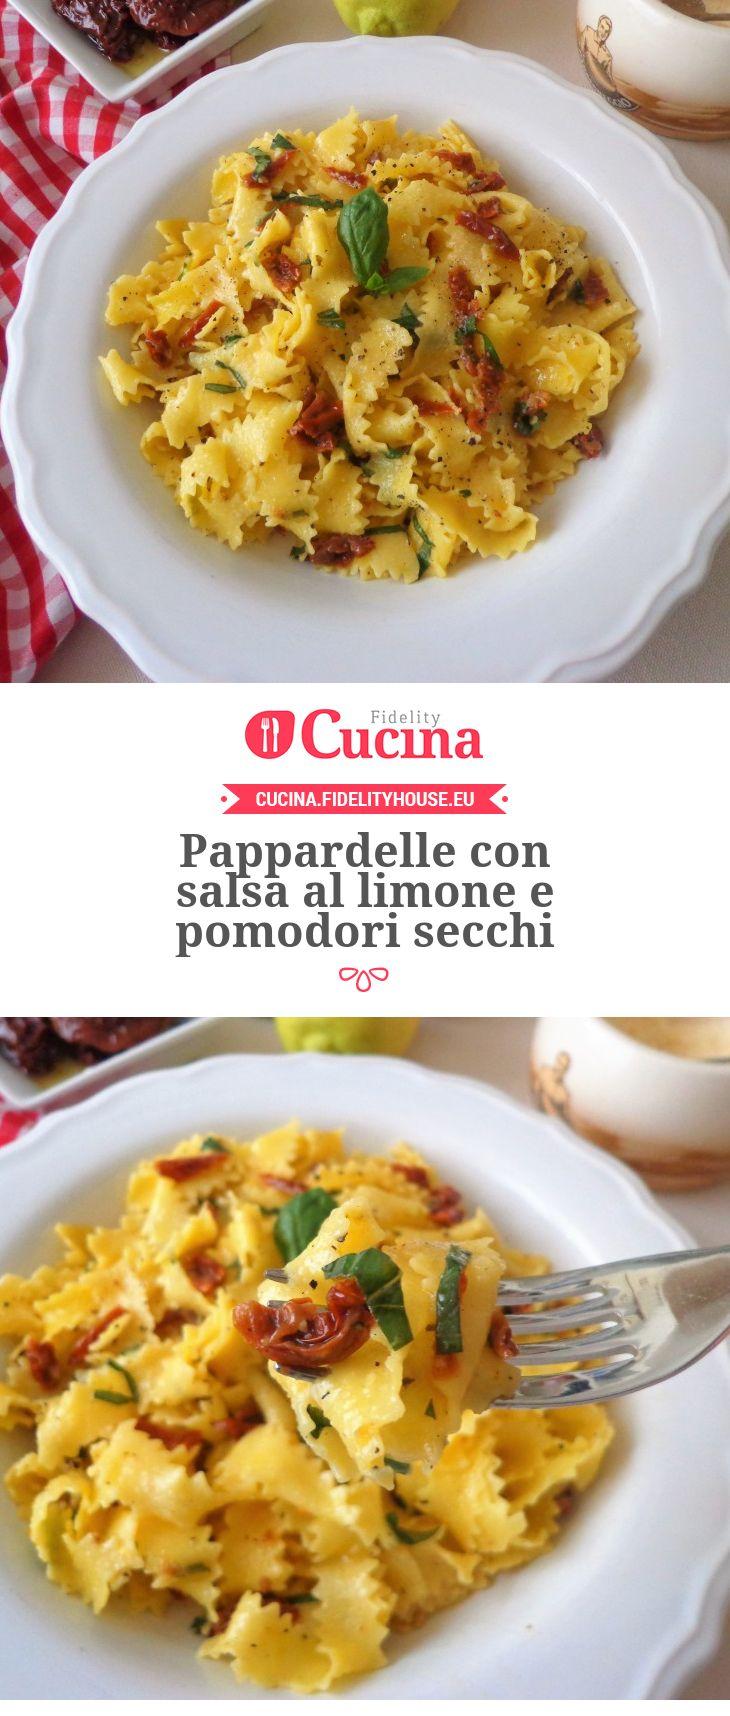 Pappardelle con salsa al limone e pomodori secchi della nostra utente Magdalena. Unisciti alla nostra Community ed invia le tue ricette!